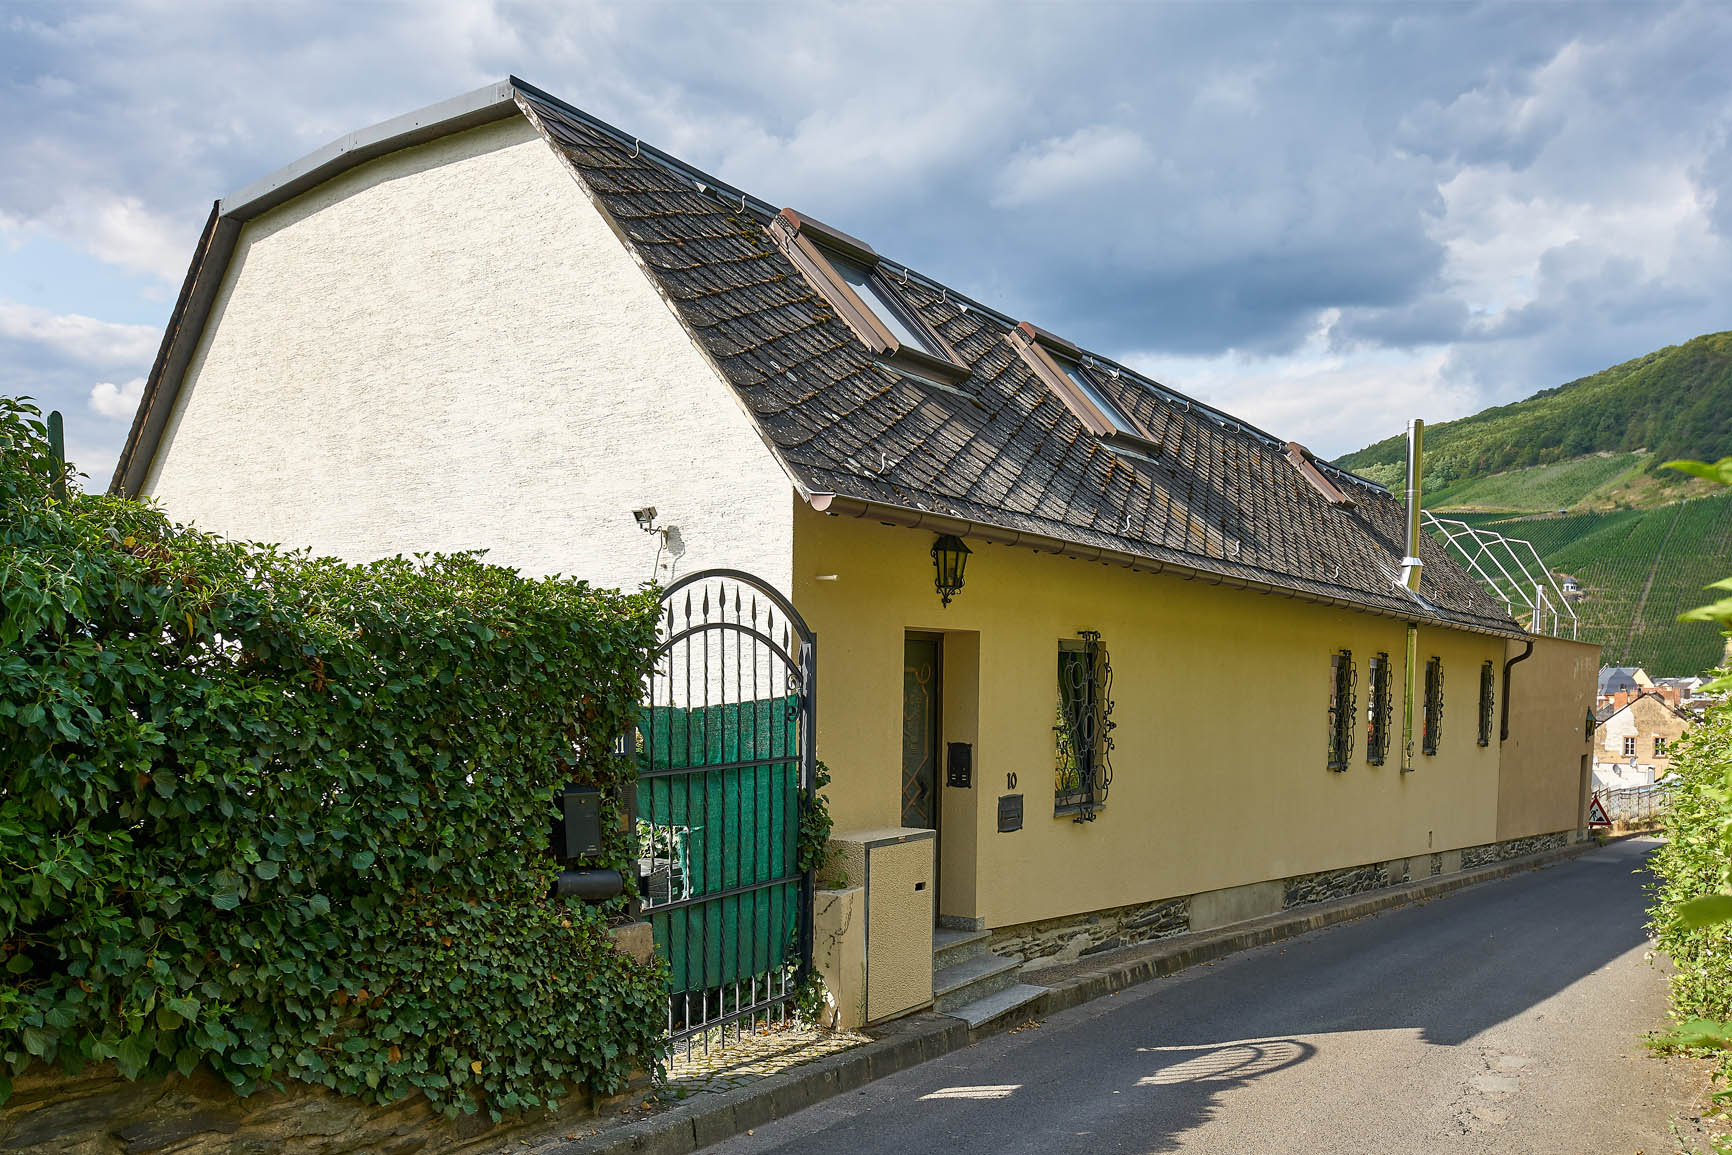 Ferienhaus Mosel-Herberge Aussenansicht mit Straße zur Burg Landshut